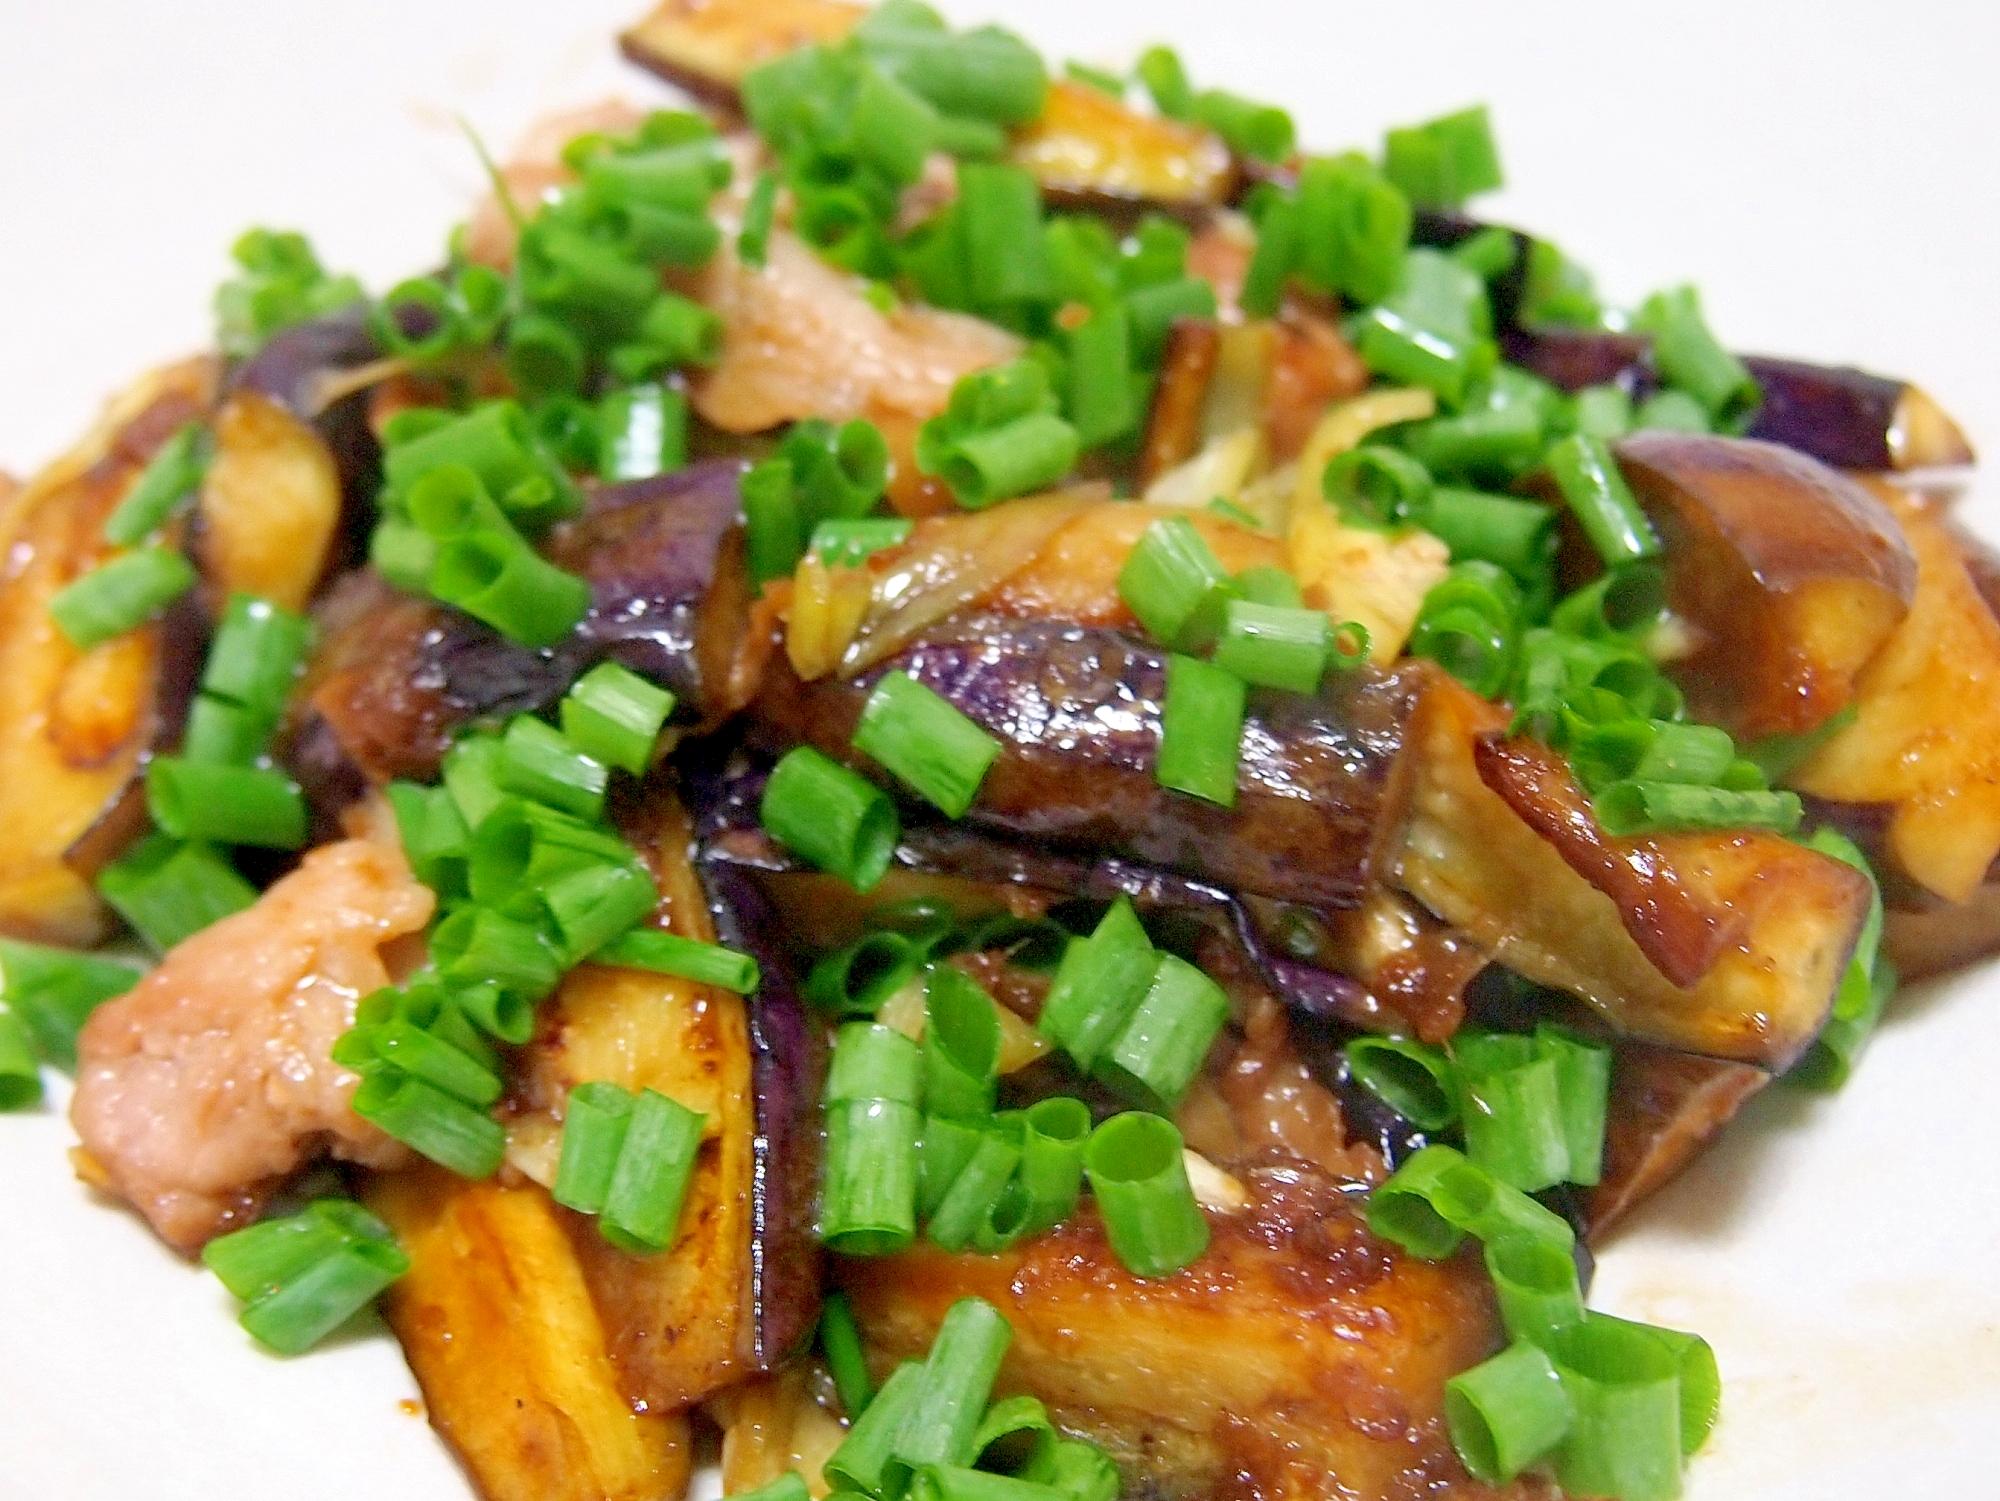 なすと豚肉のしょうが焼き レシピ・作り方 by まるっとまる 楽天レシピ